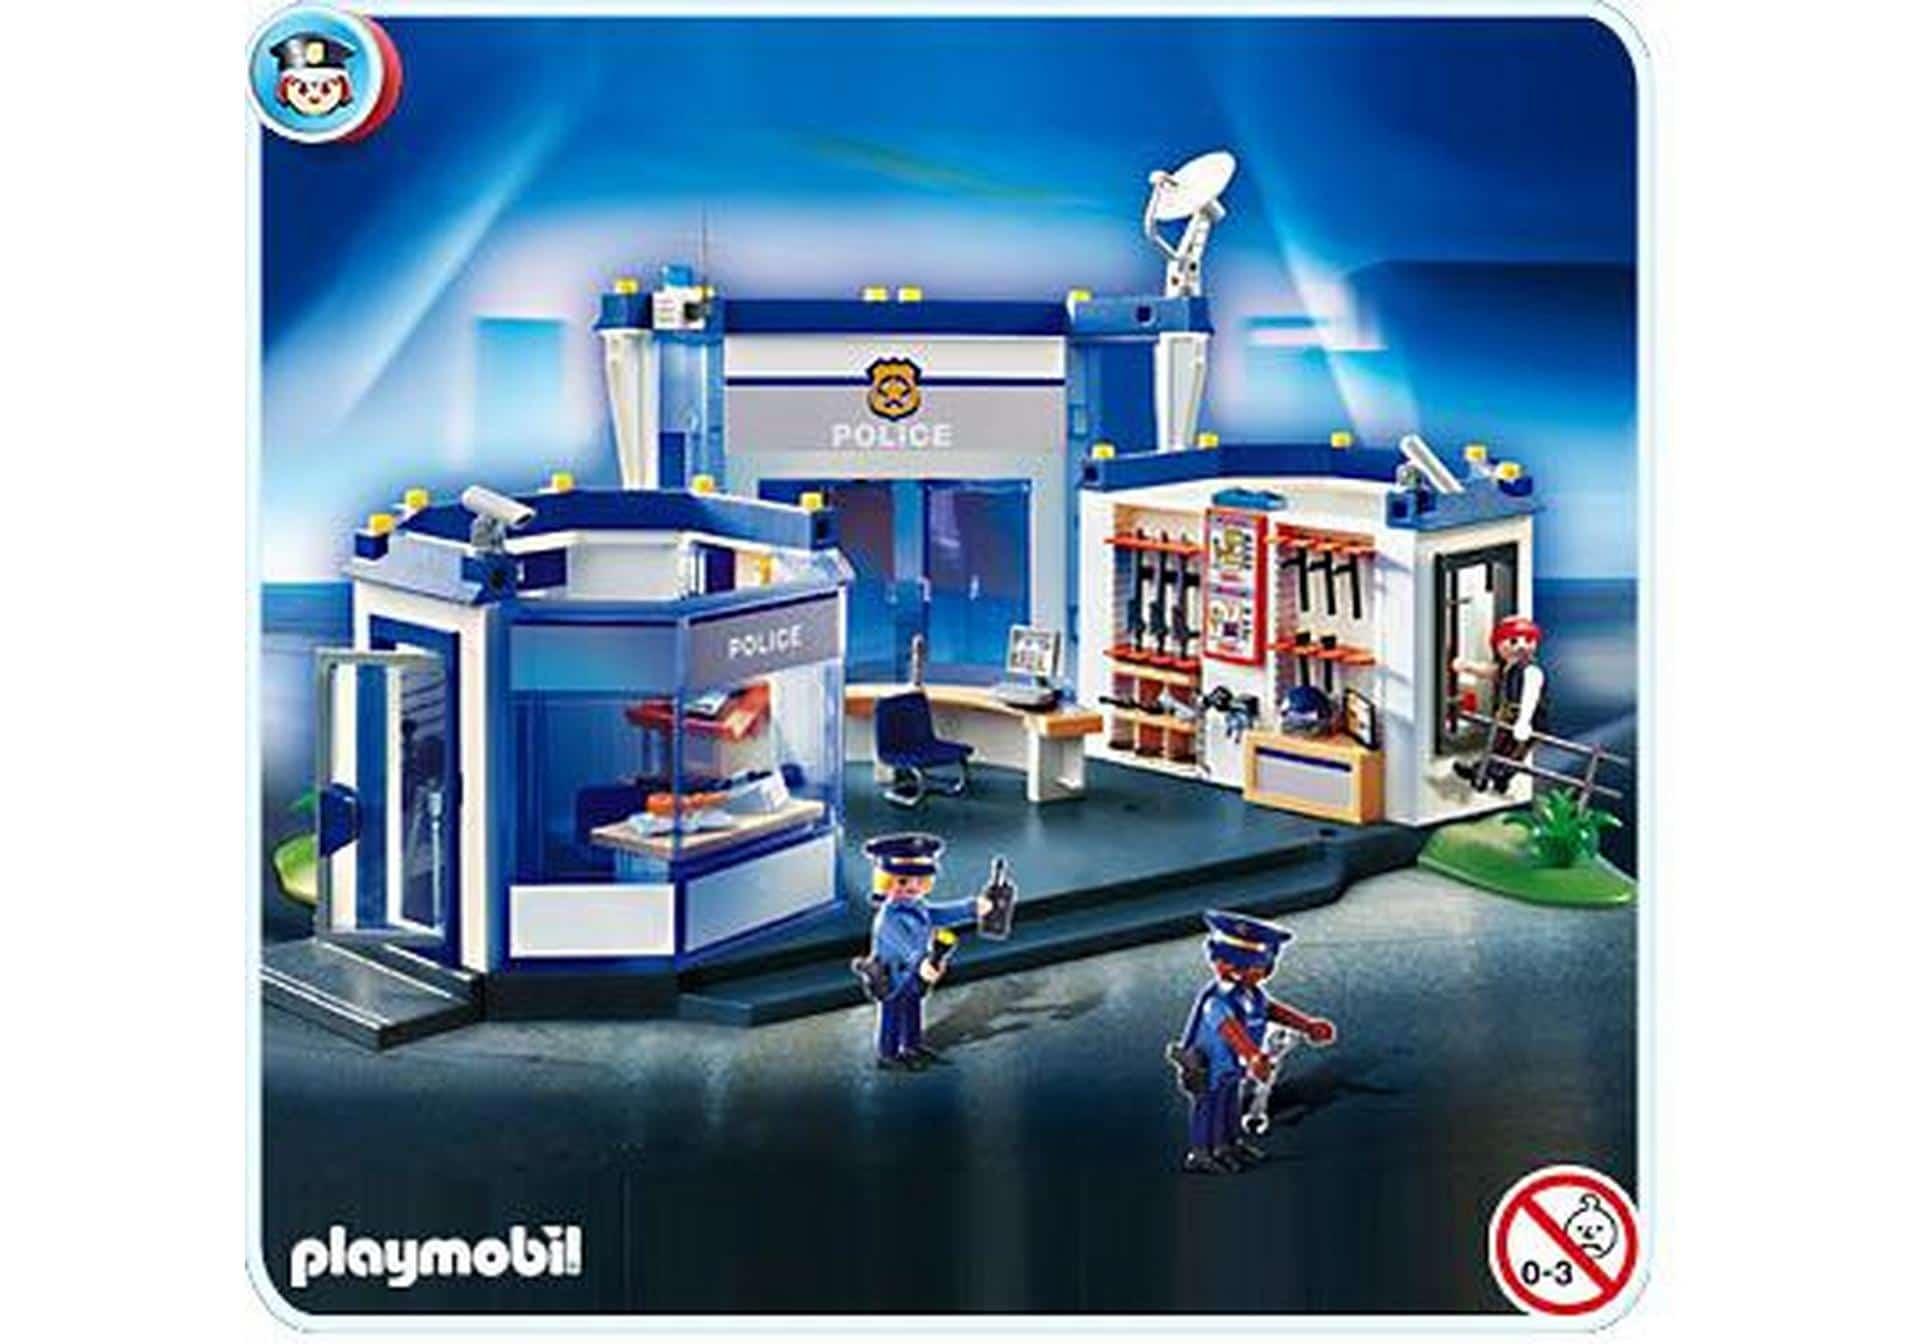 Playmobil commissariat de police amazon